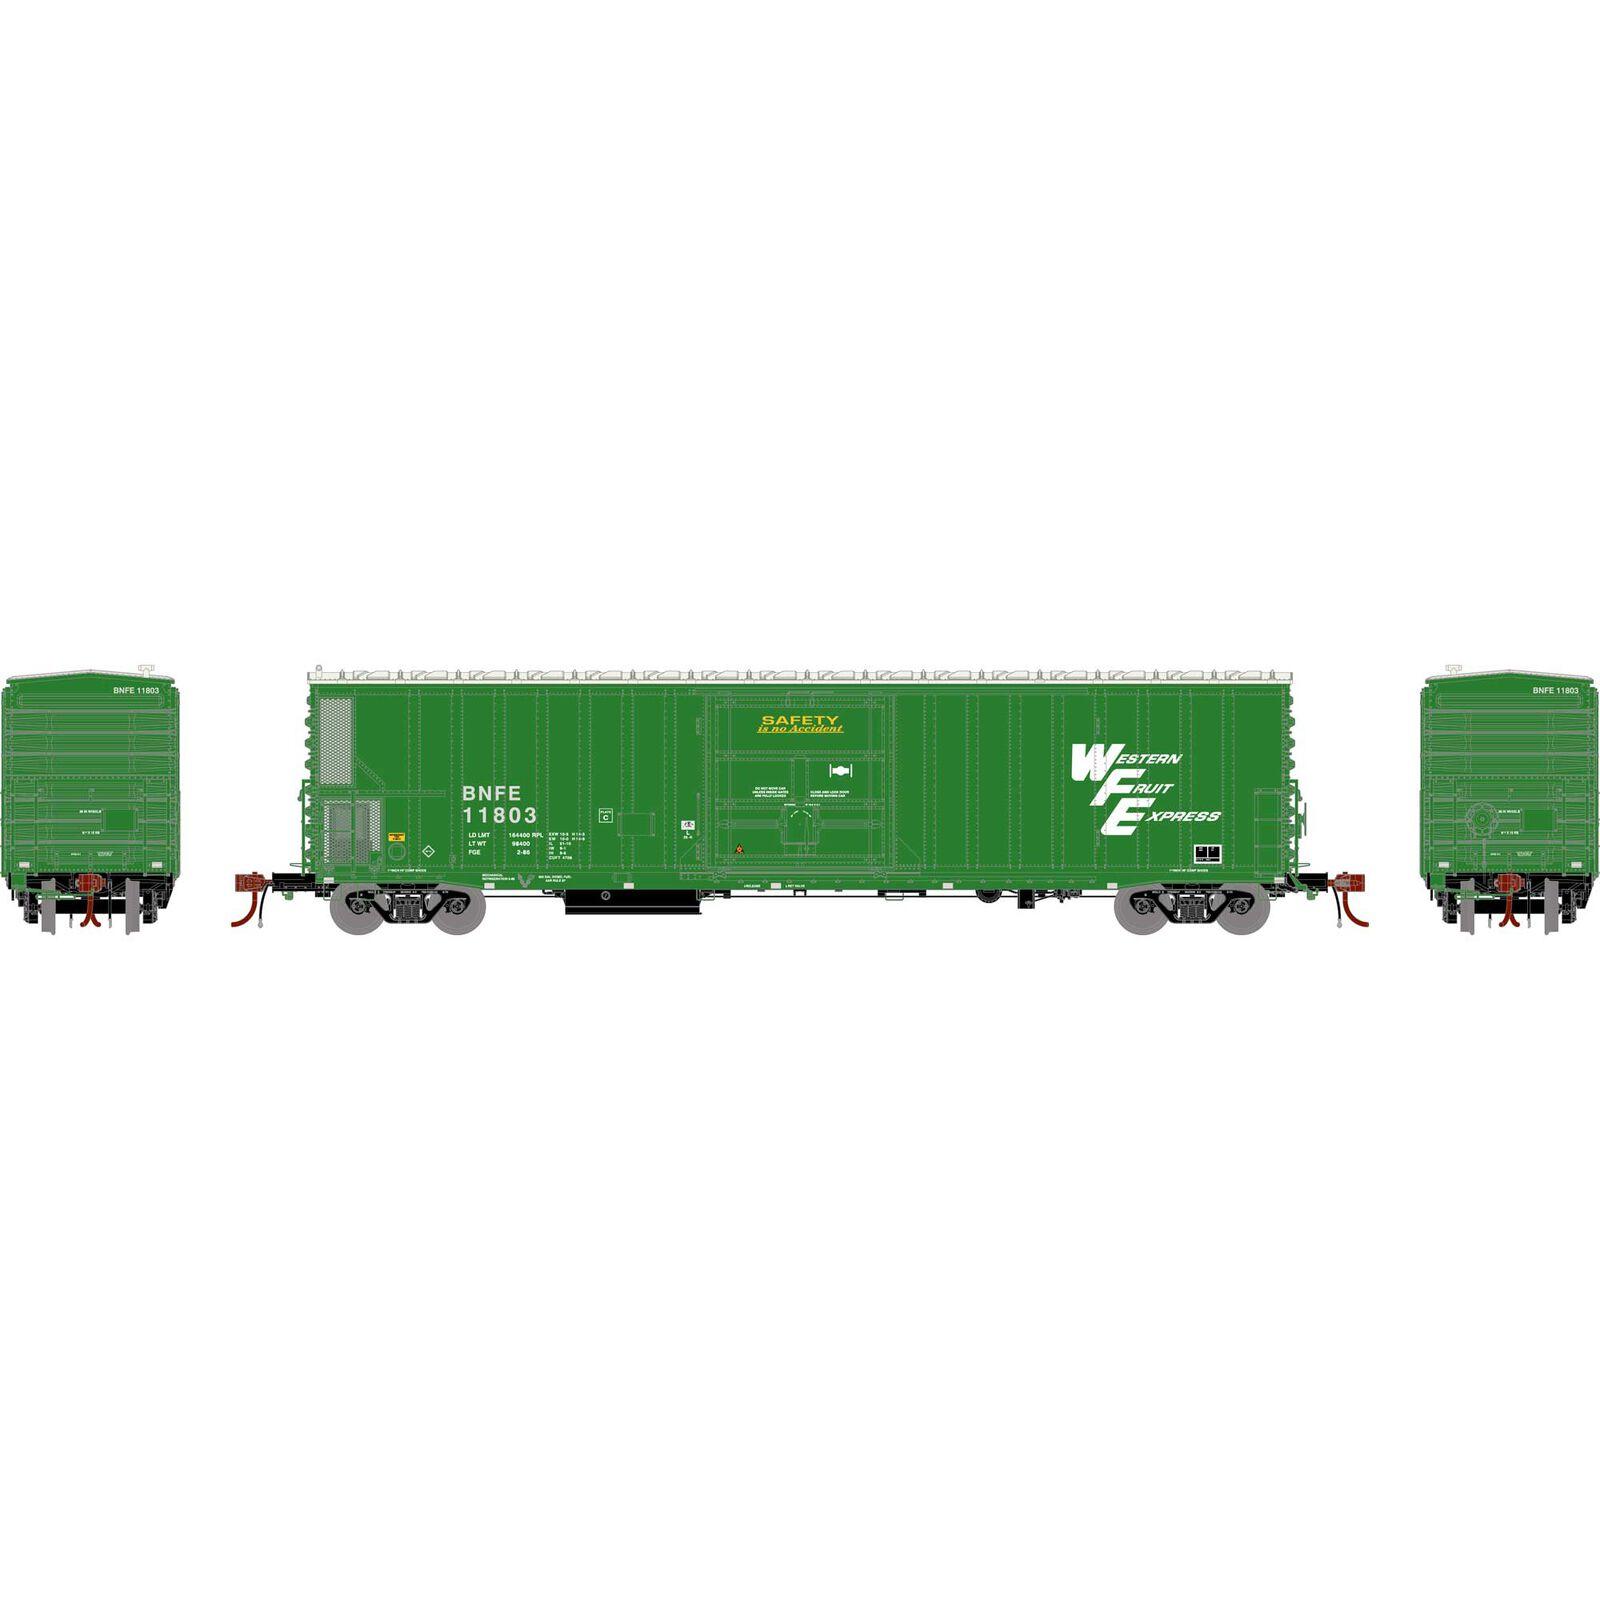 N FGE 57' Mechanical Reefer, BNFE/Green #11803